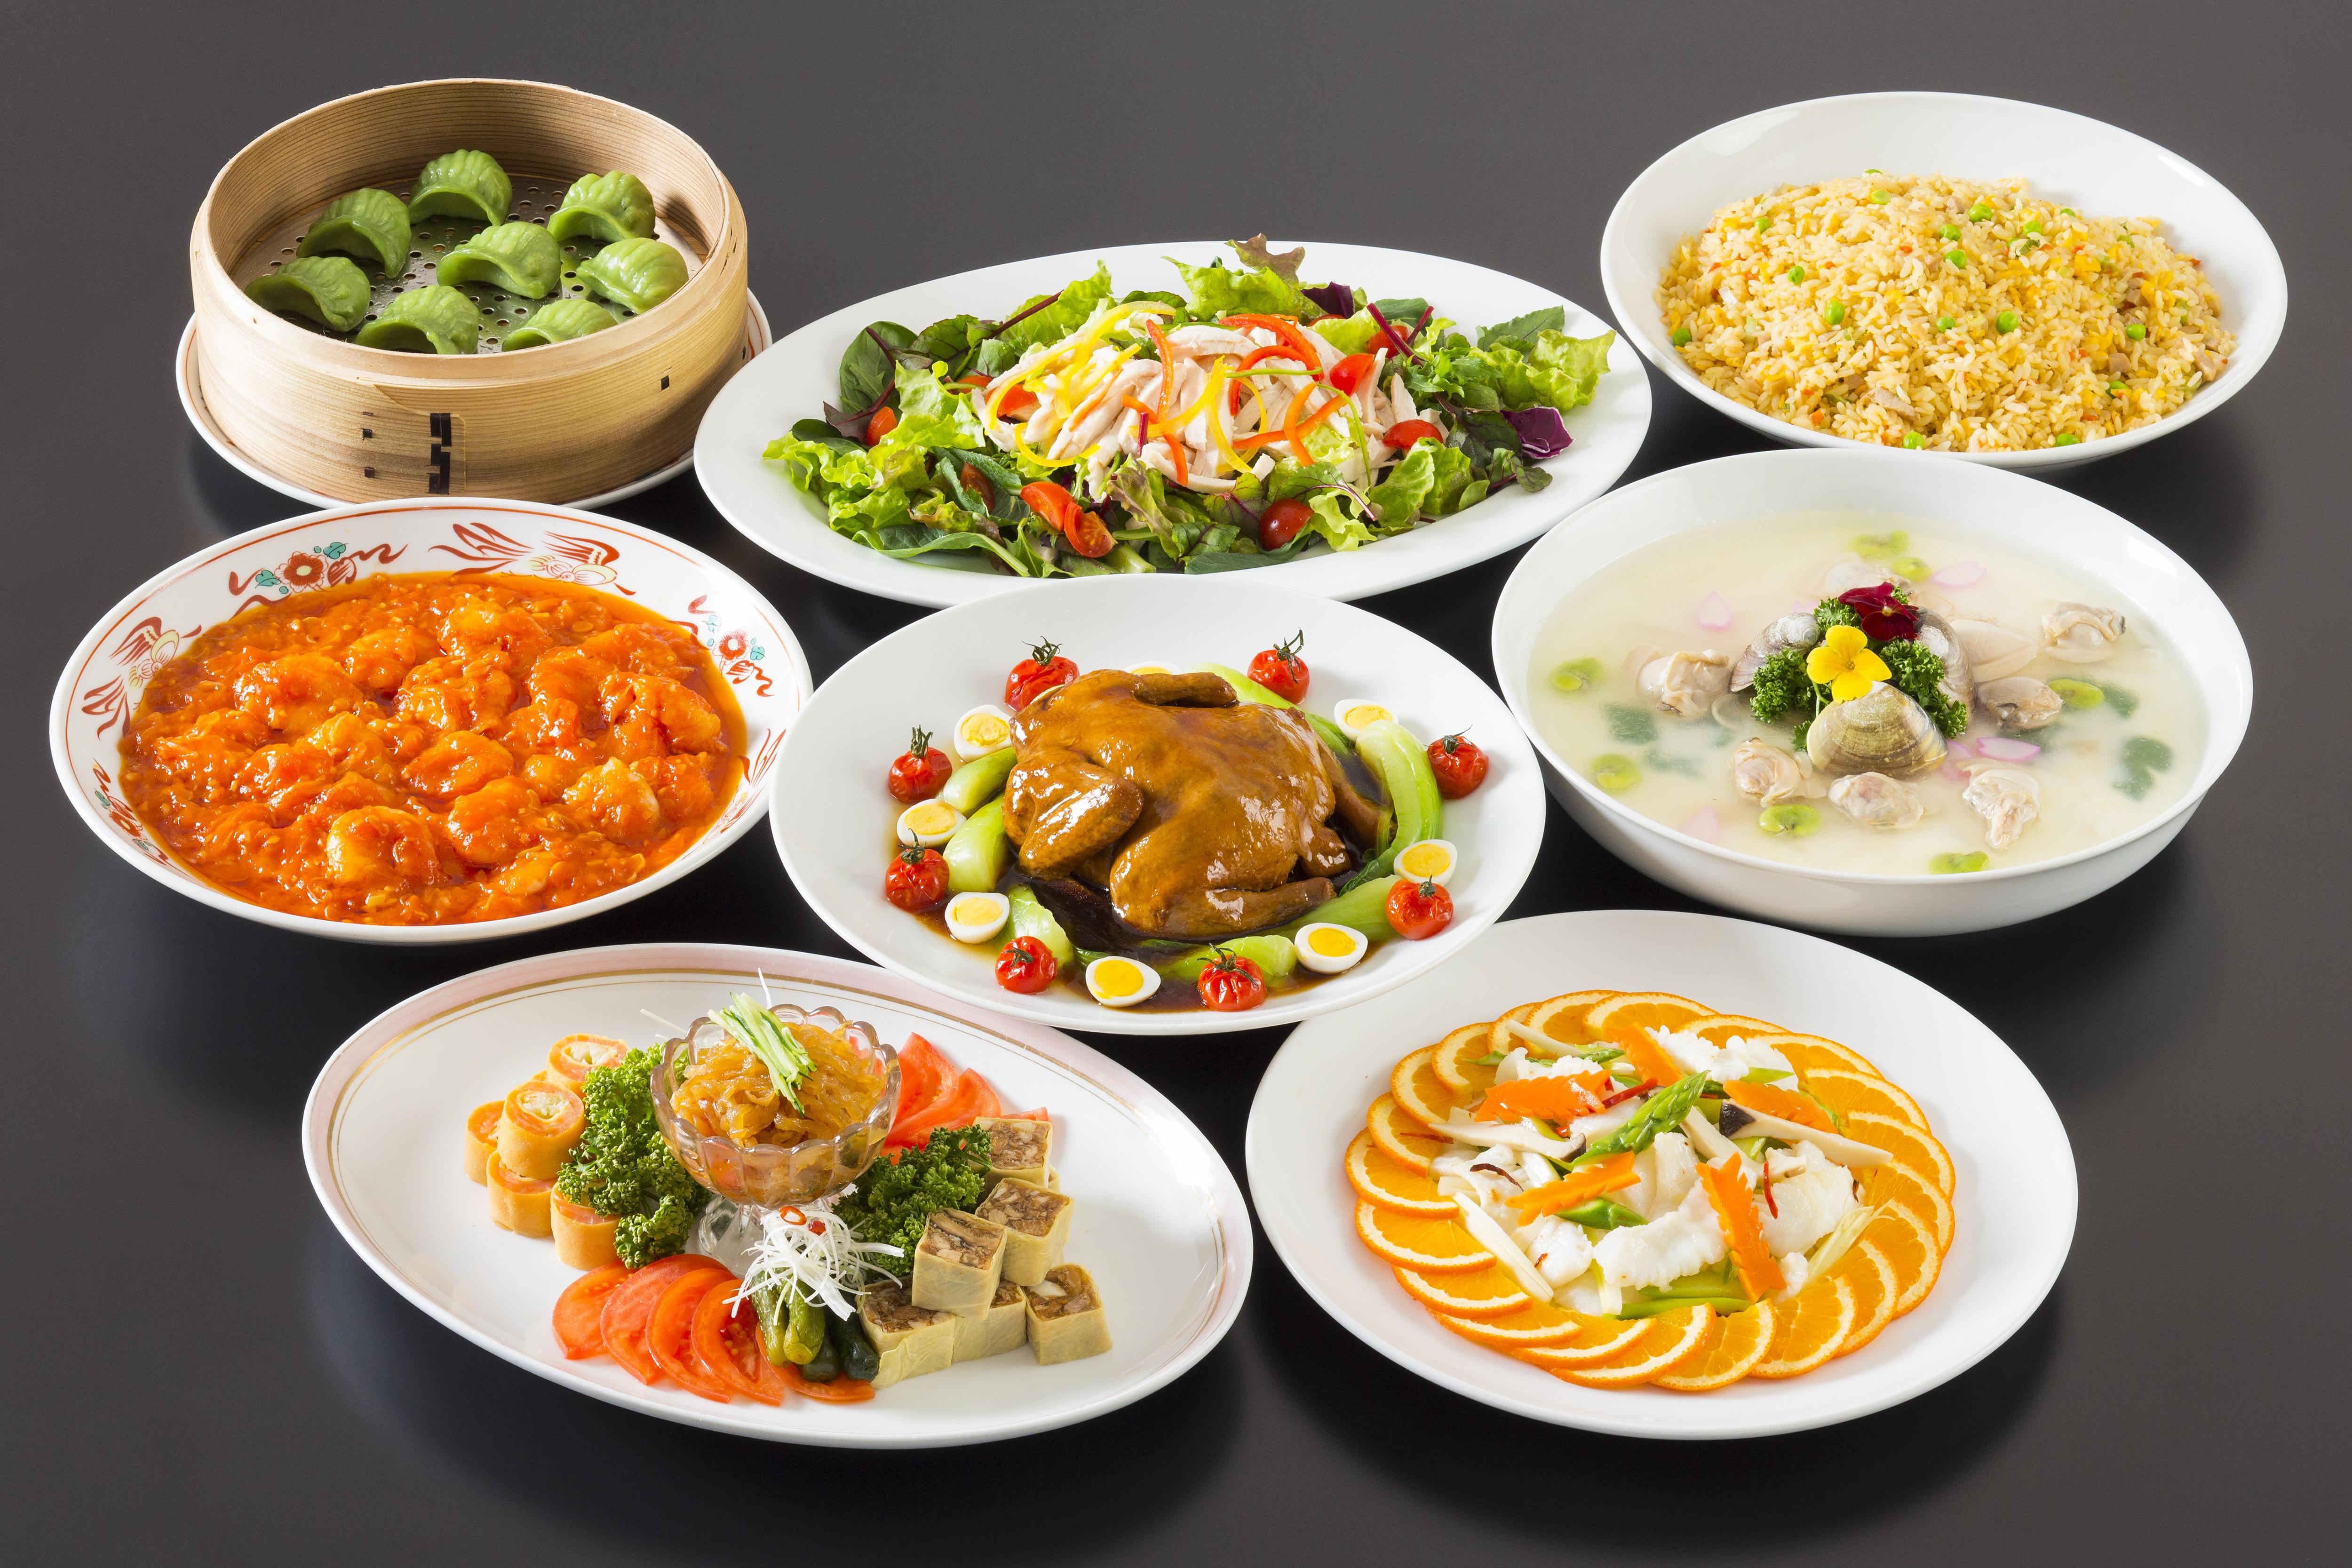 中華盛り込み料理プラン